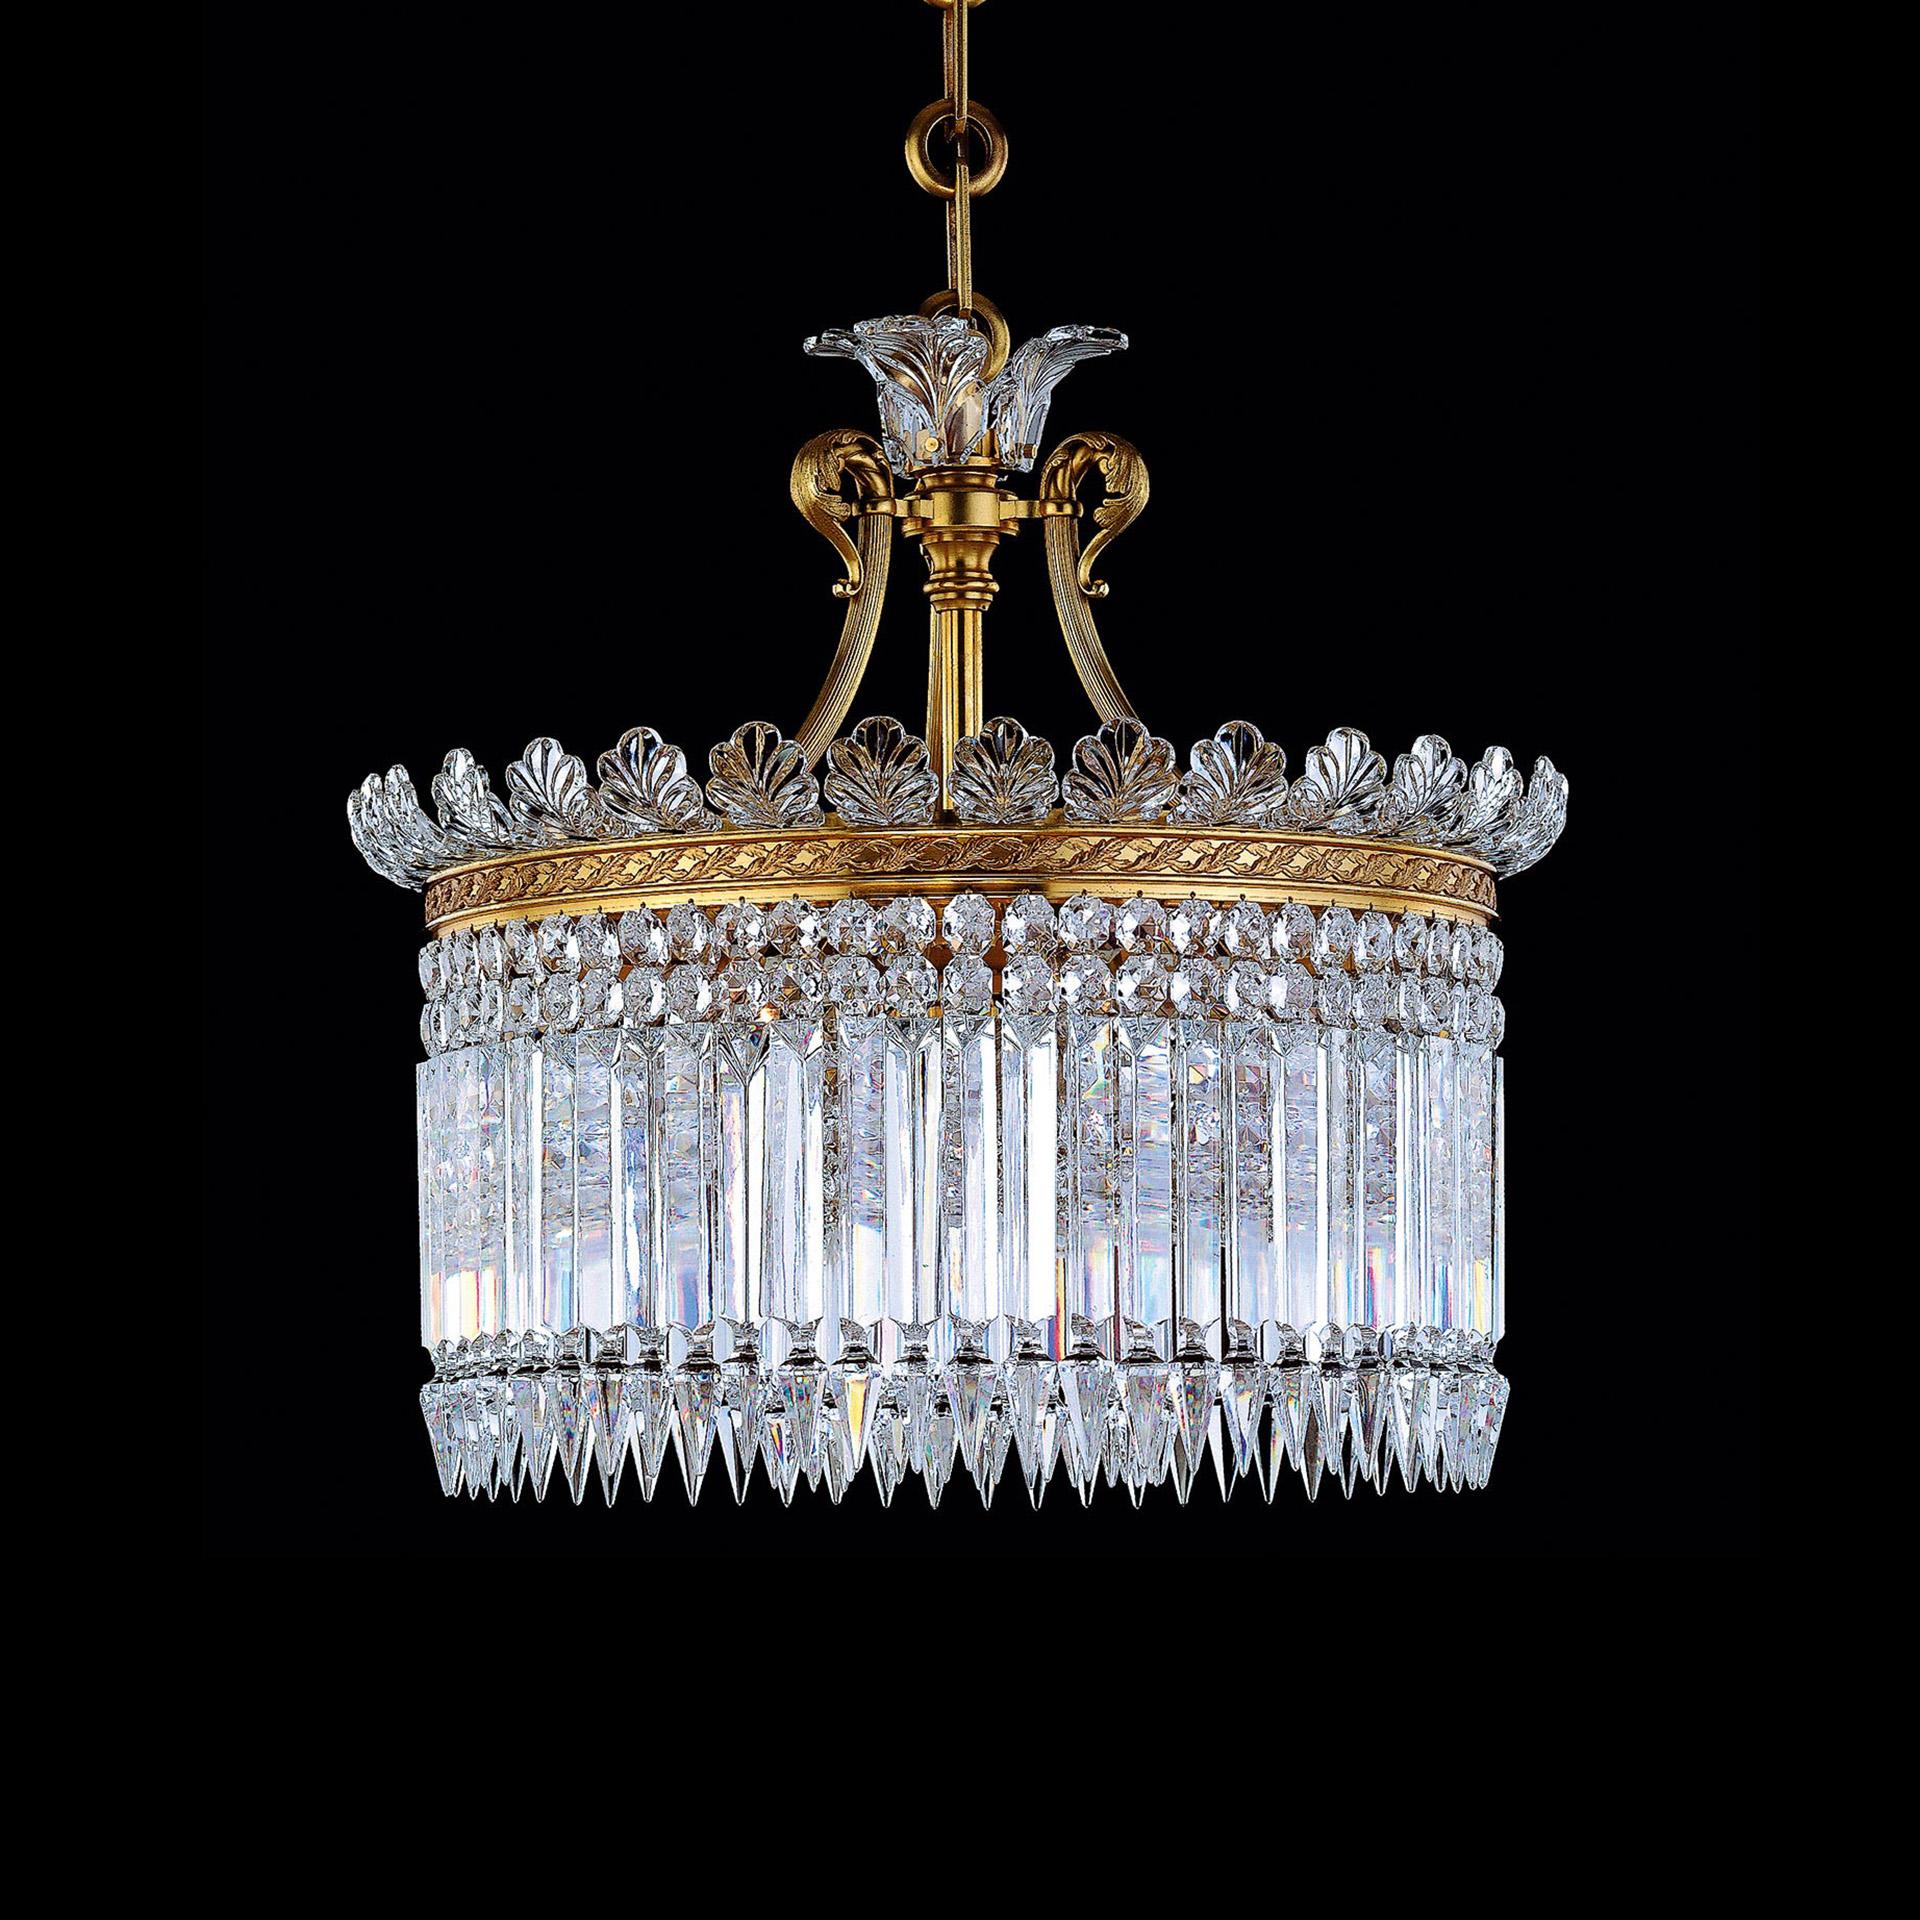 crinoline chandelier baccarat. Black Bedroom Furniture Sets. Home Design Ideas